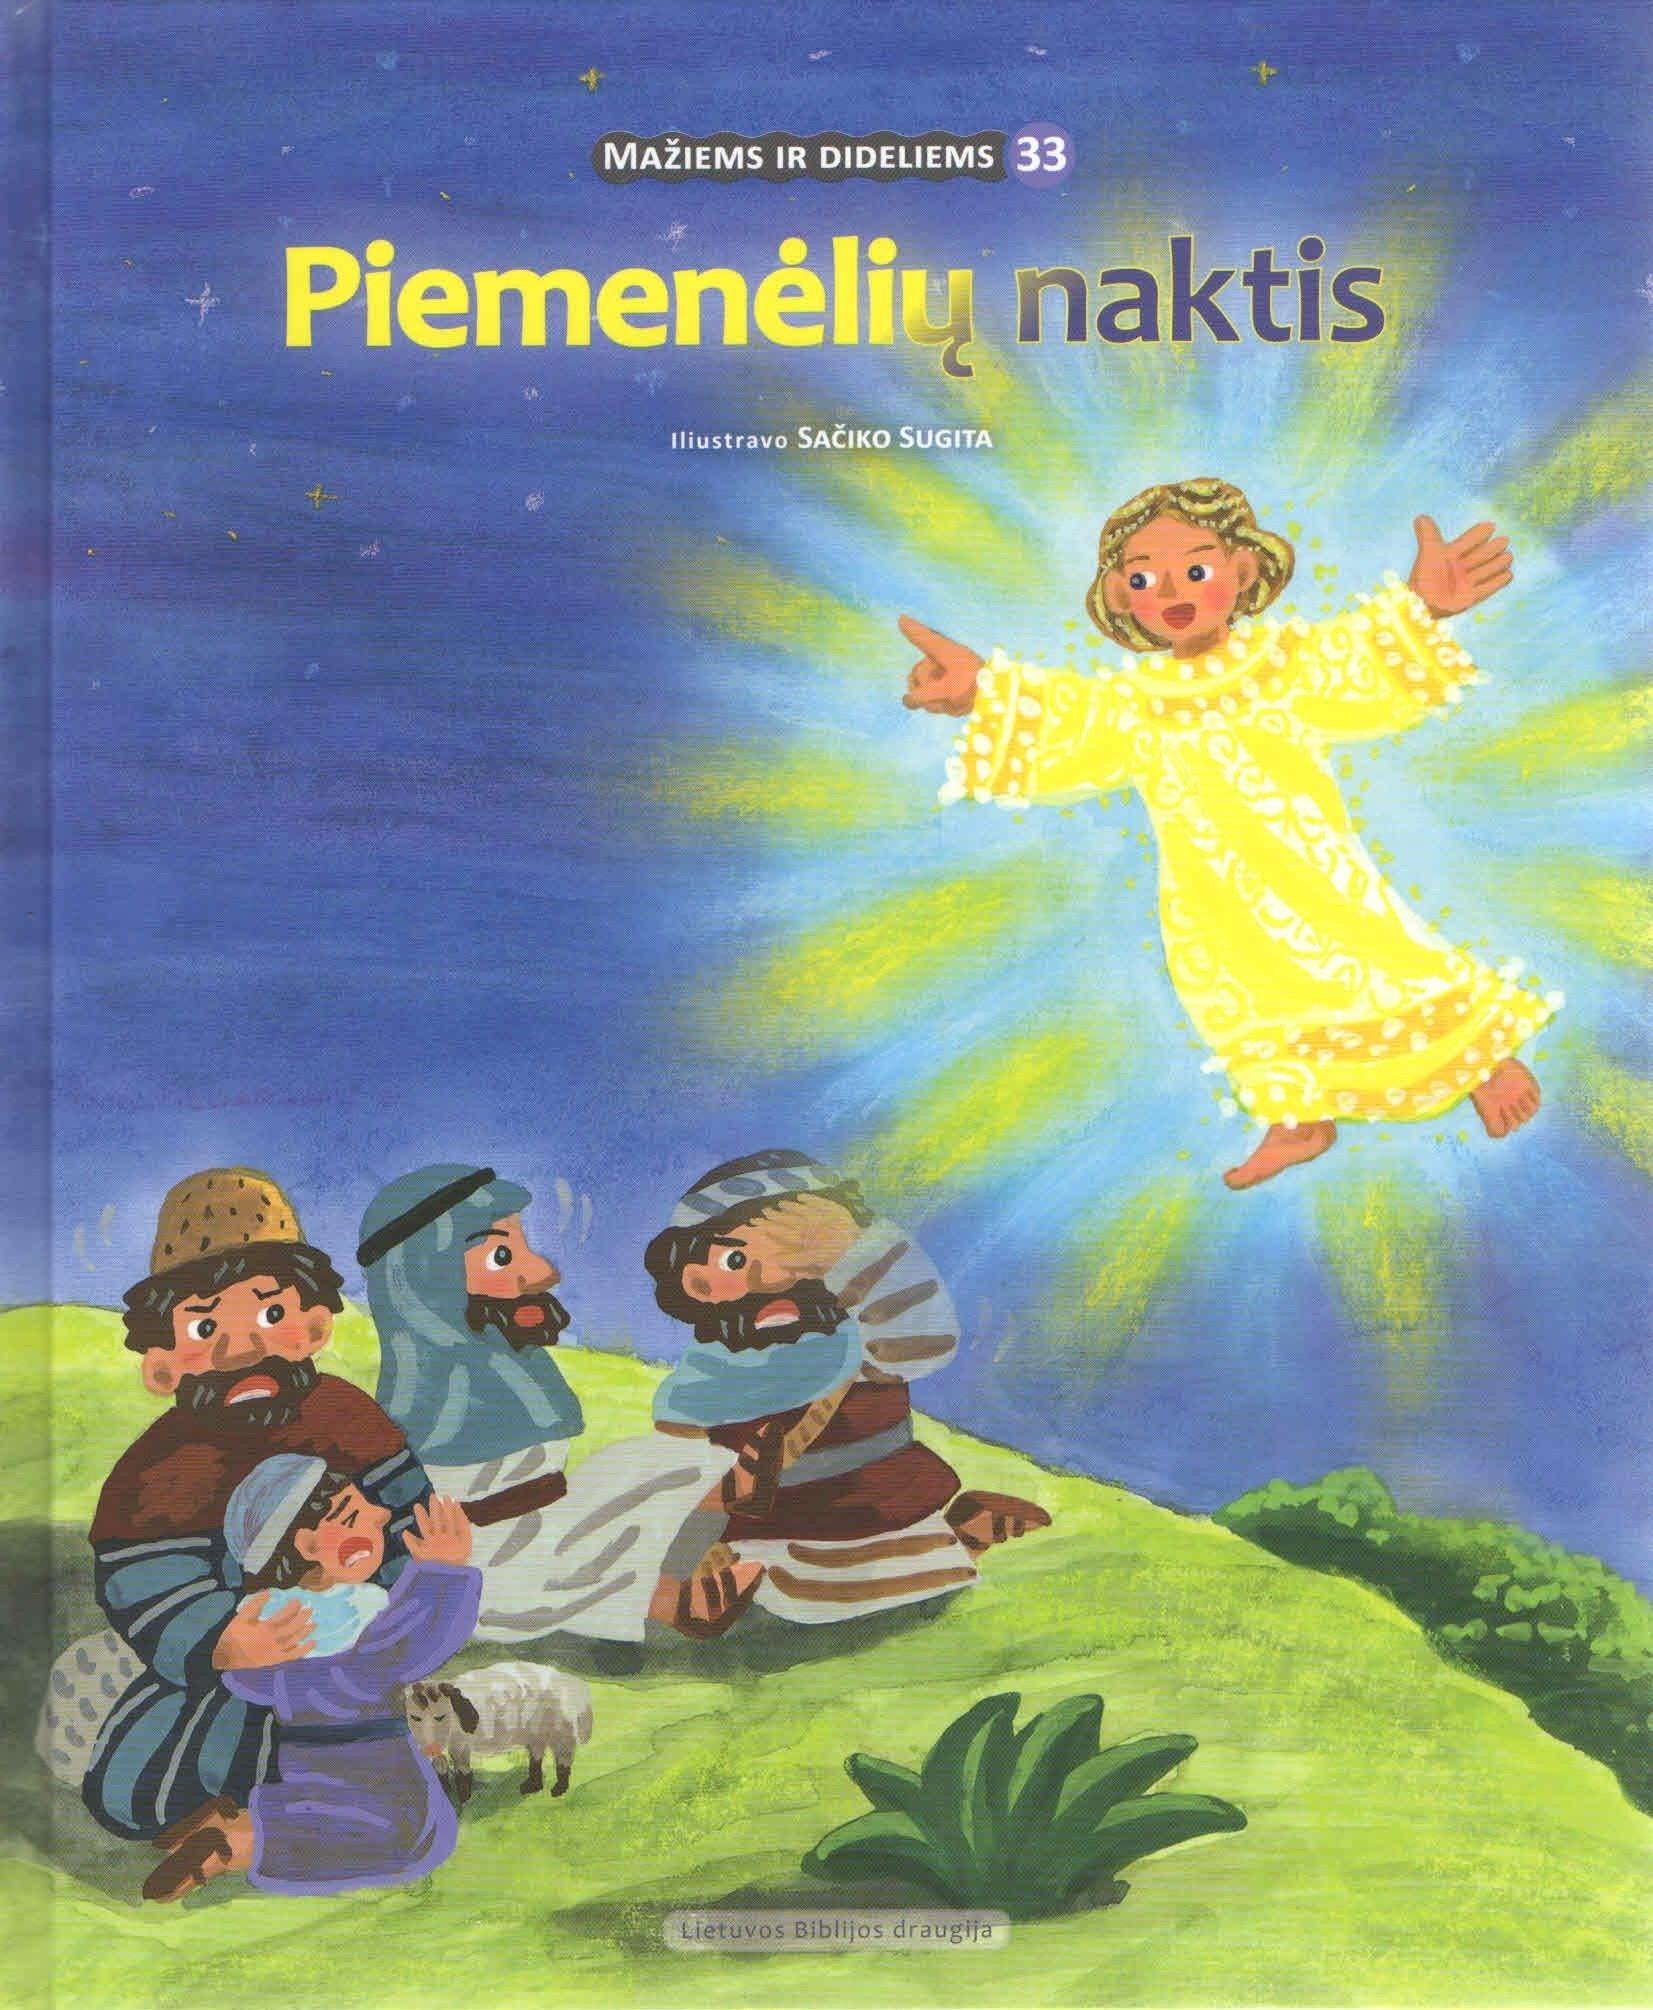 Piemenėlių naktis - Biblijos draugija